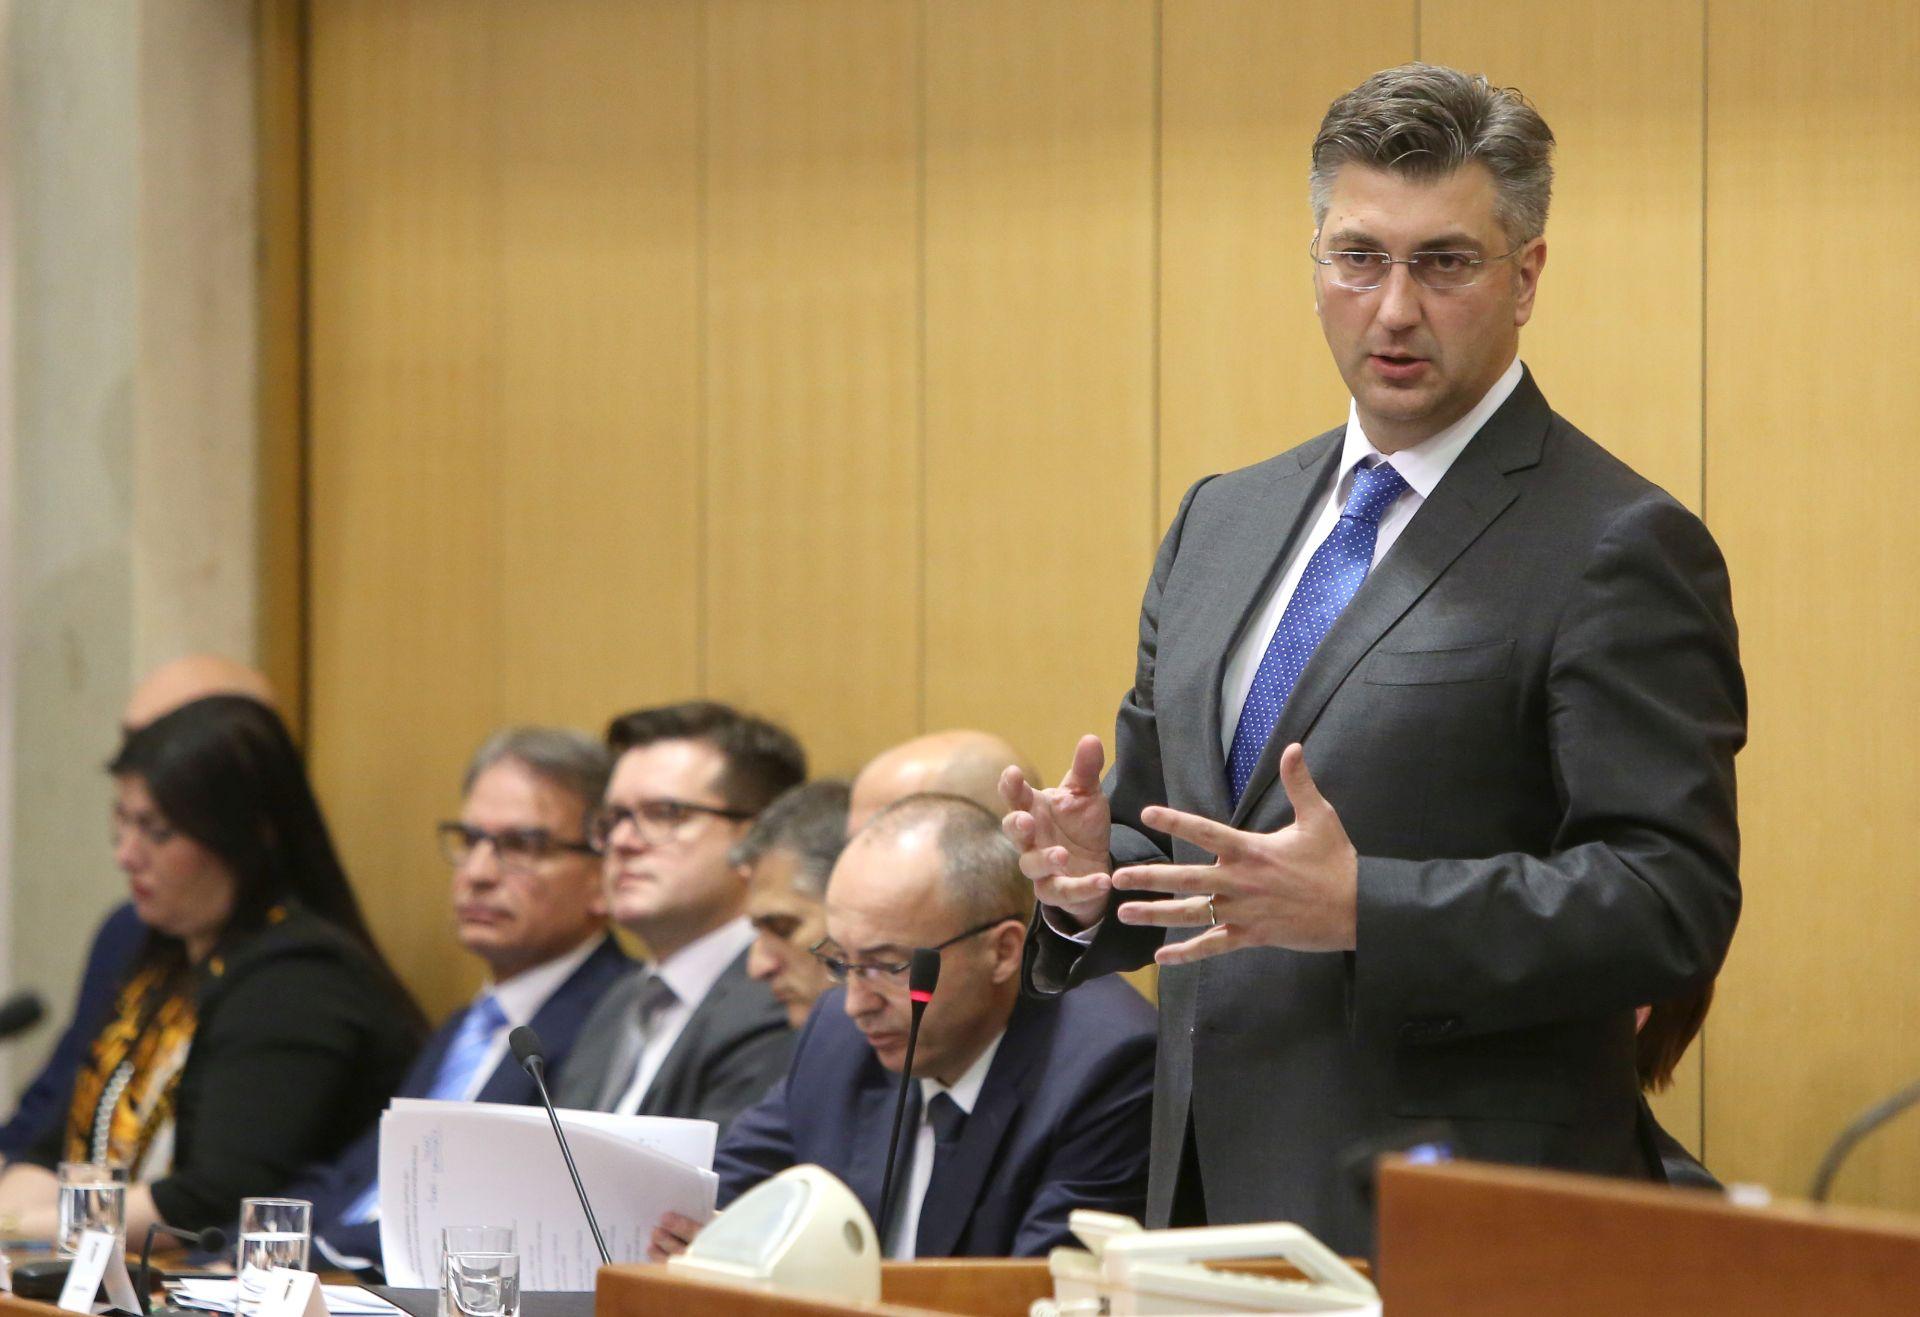 SVJETSKI GOSPODARSKI FORUM: Premijer Plenković naglasio važnost OECD-a za Hrvatsku